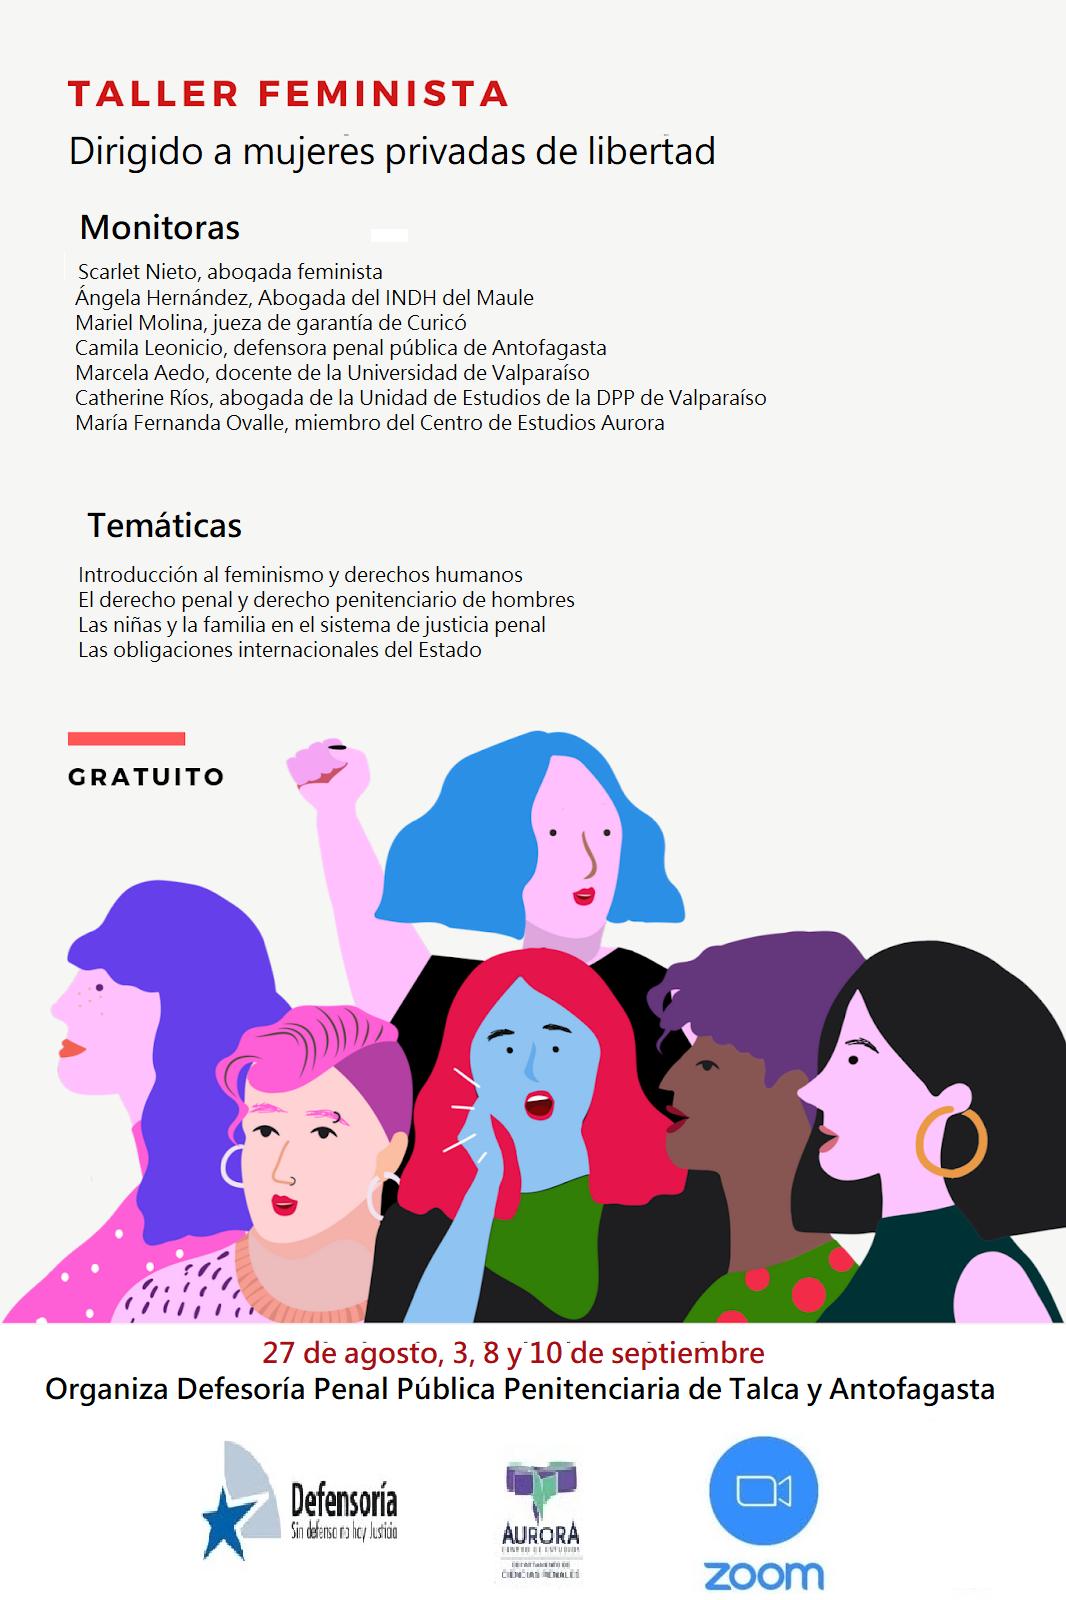 Innovador taller online para mujeres privadas de libertad abordó temáticas de feminismo y derechos humanos